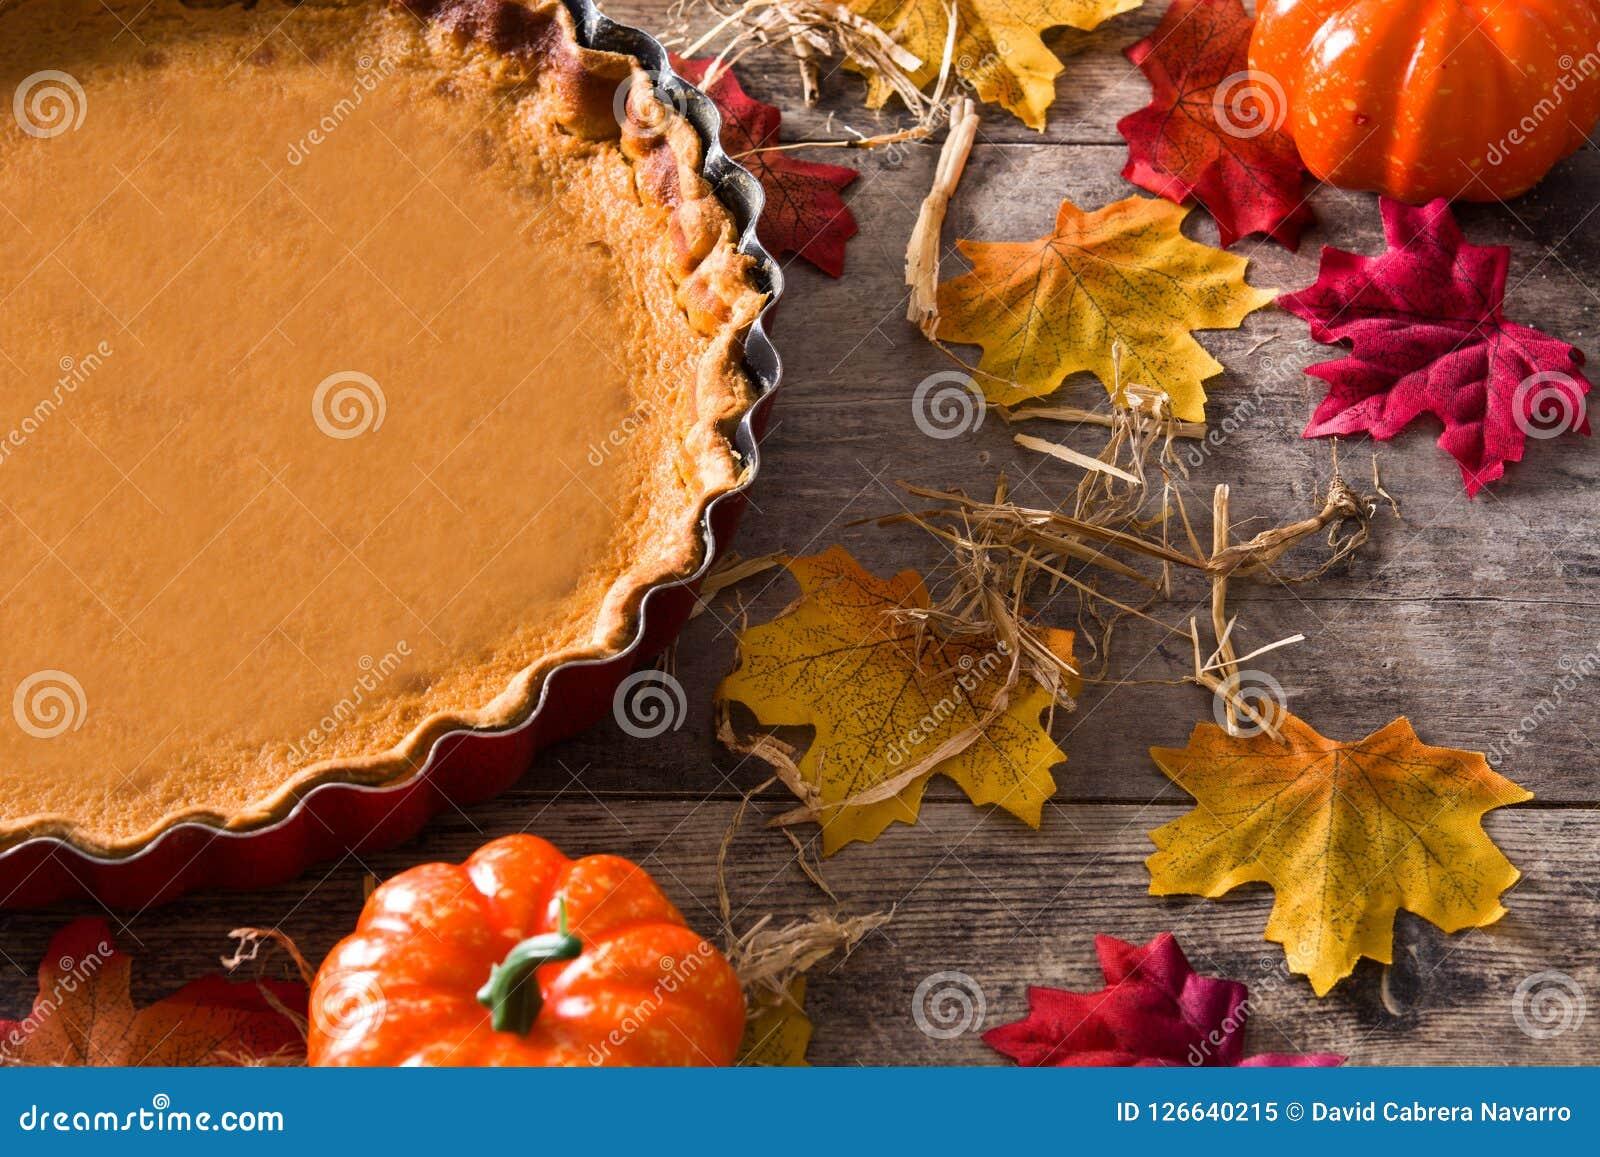 Torta di zucca tradizionale per il ringraziamento